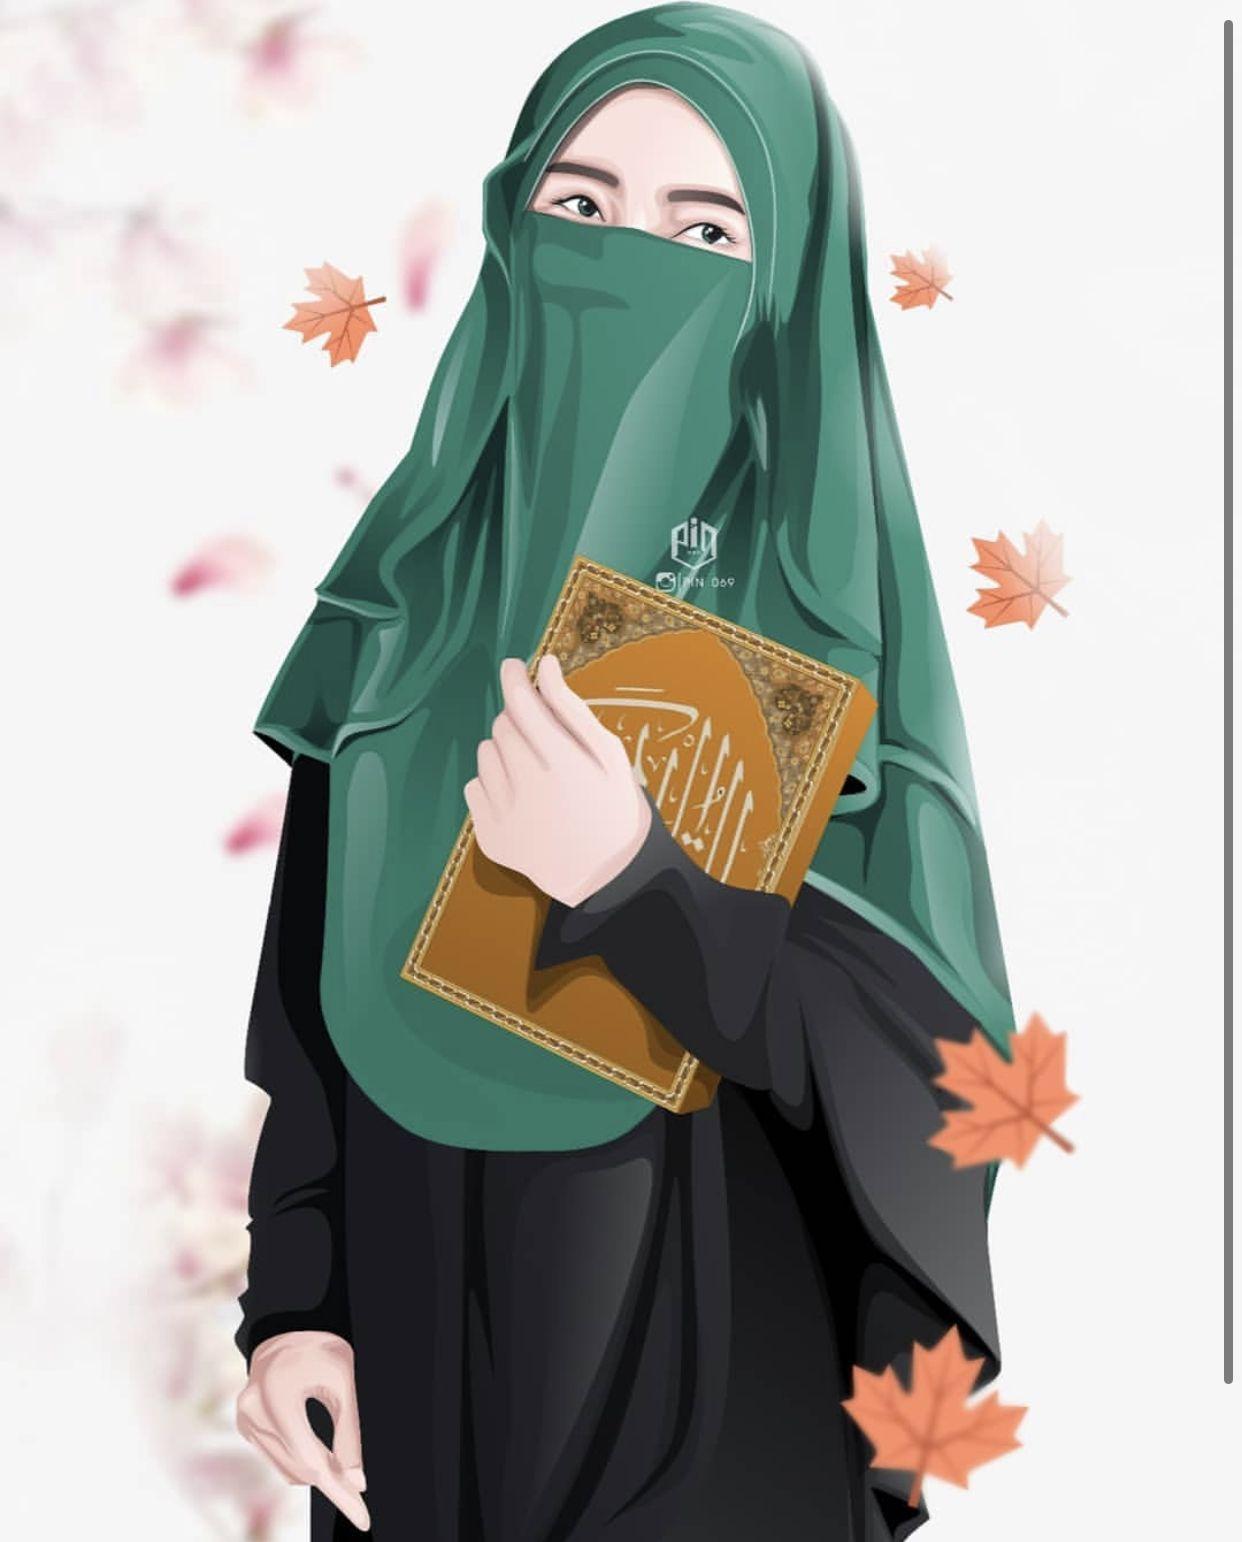 Pin oleh revival di MuslimArt di 2020 Pejuang wanita